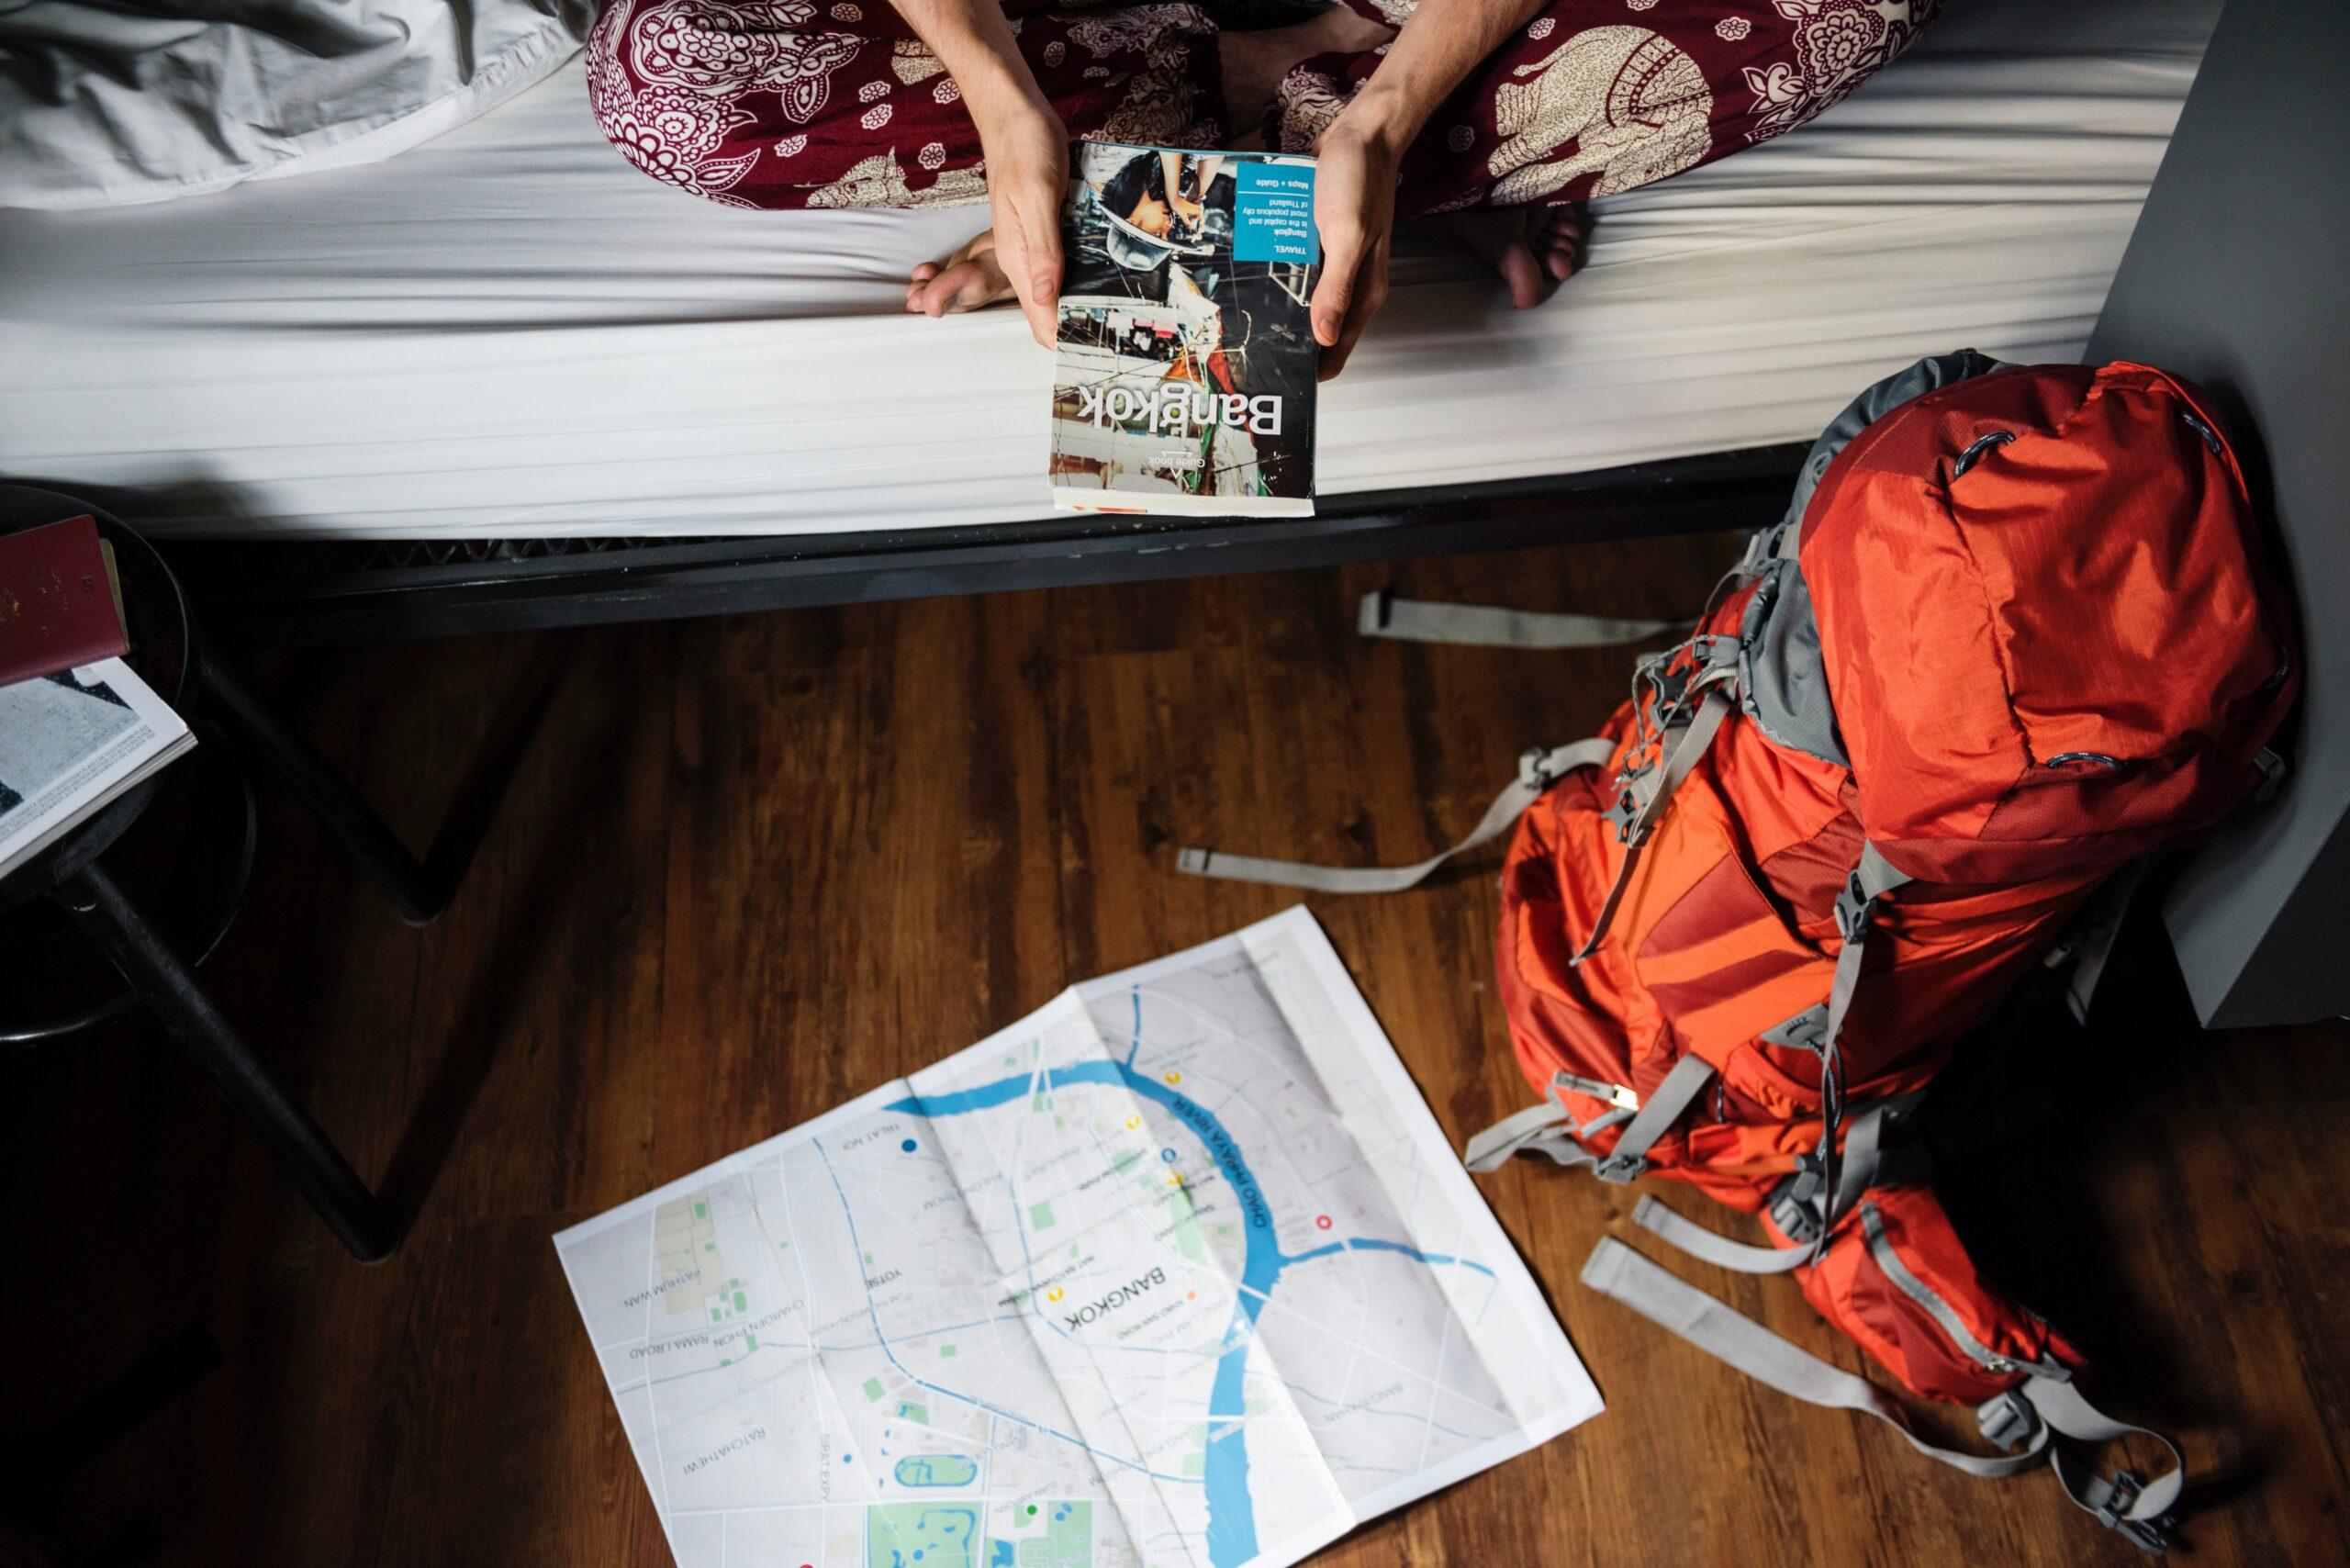 Main image of article: Pourquoi devenir créateur de  voyage ?